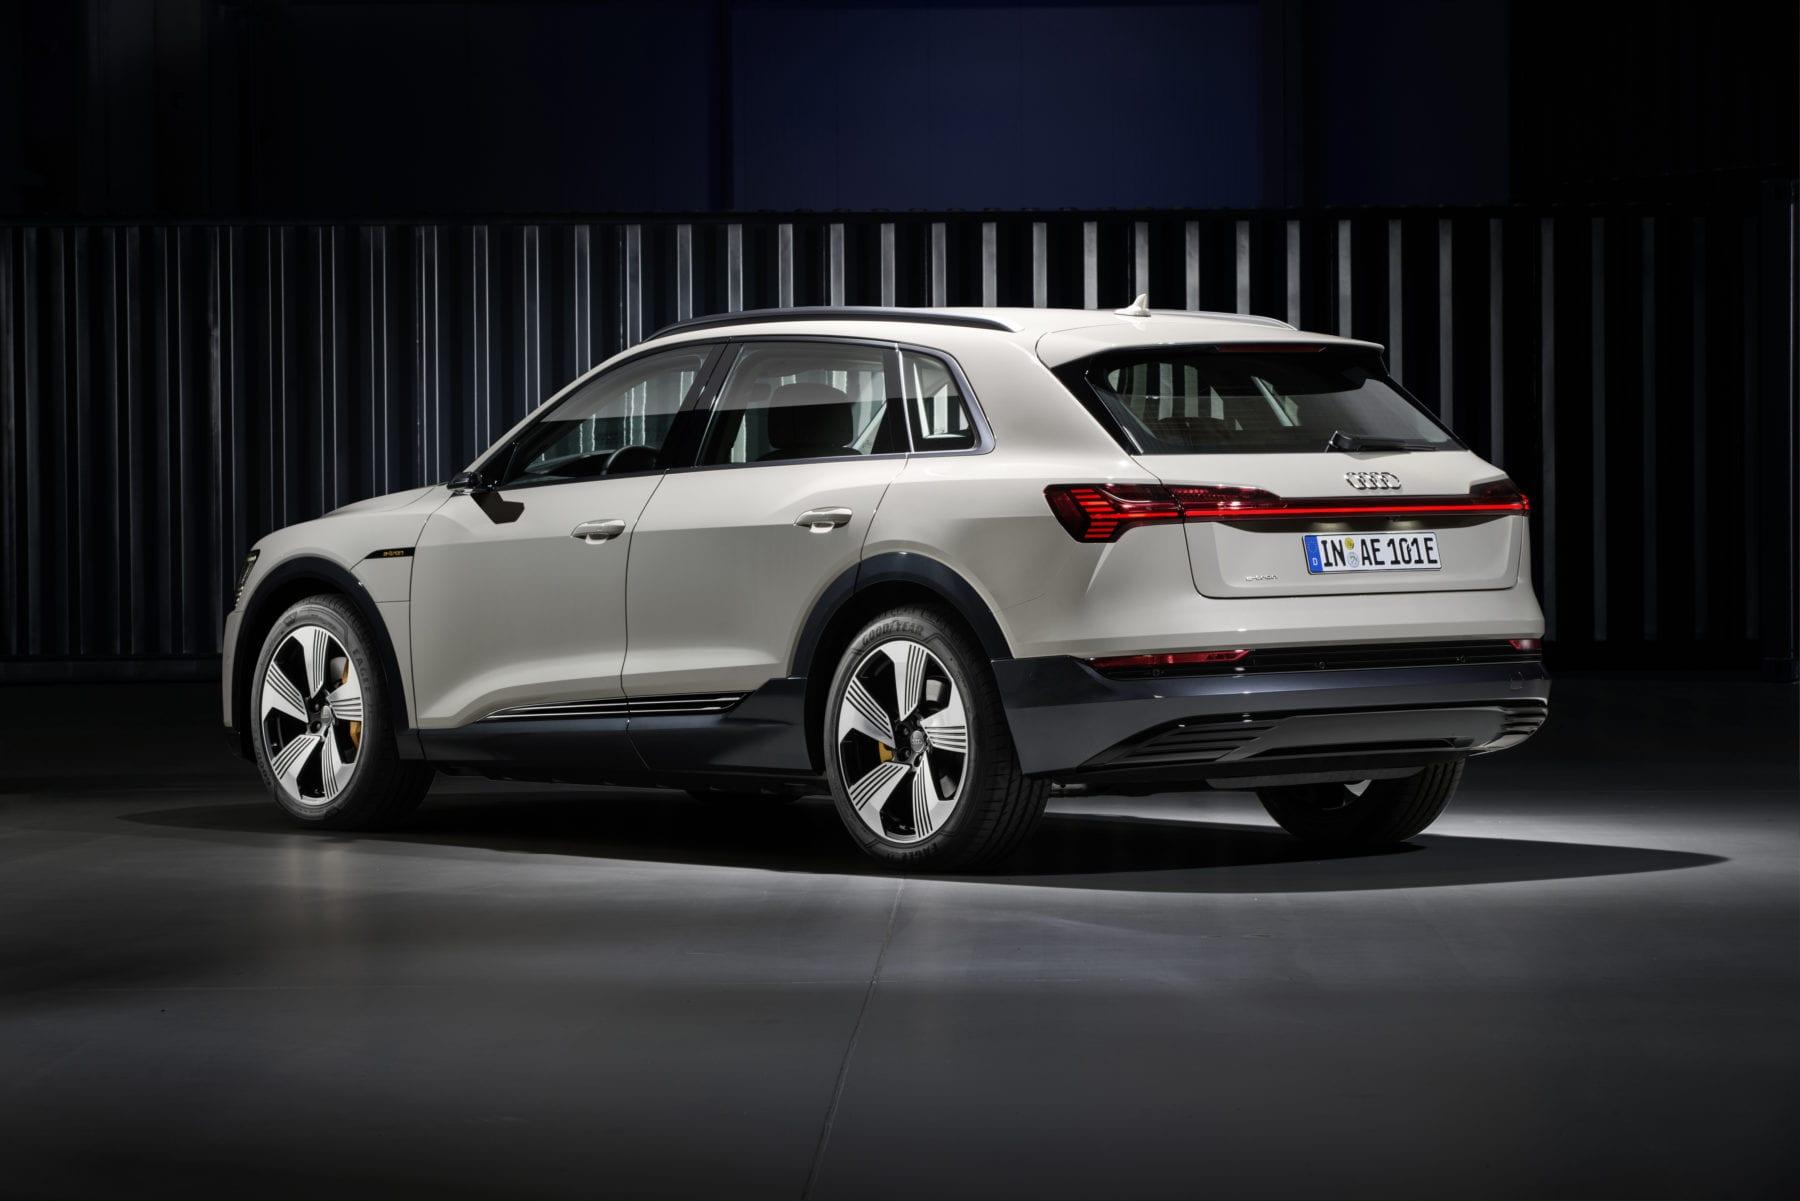 Audi e-tron Quattro Exterior